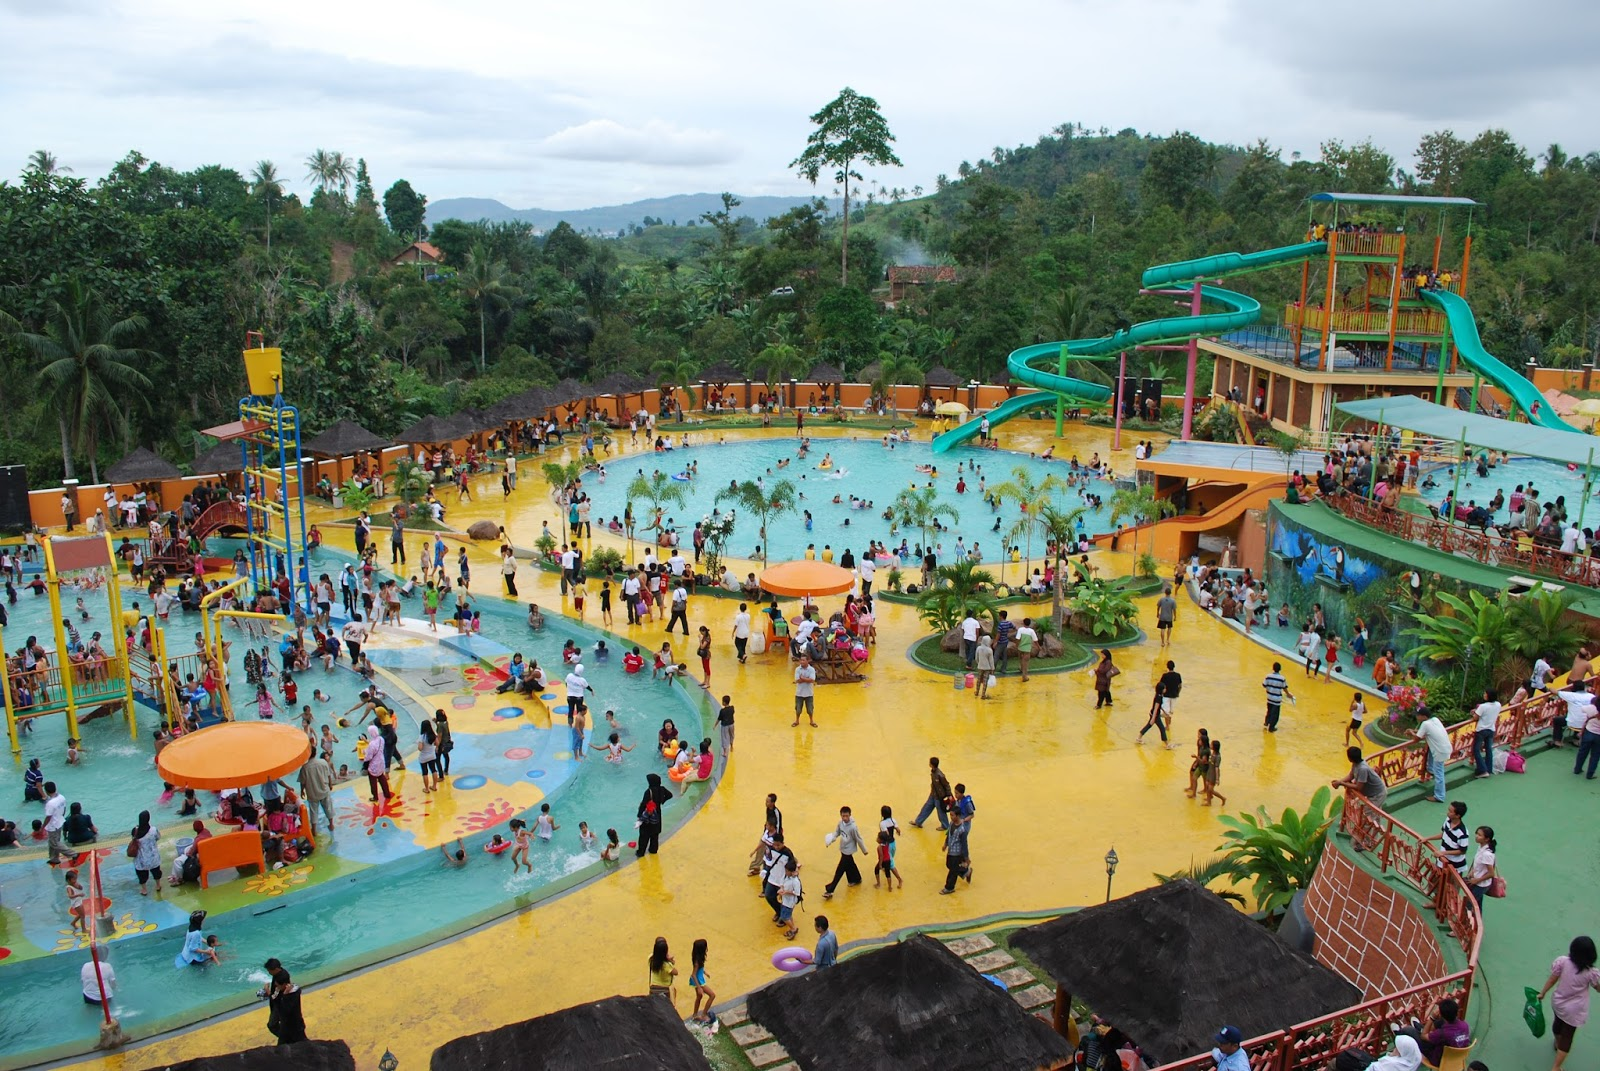 Daftar Lengkap Hotel Dekat Destinasi Wisata Air Taman Rekreasi Sengkaling